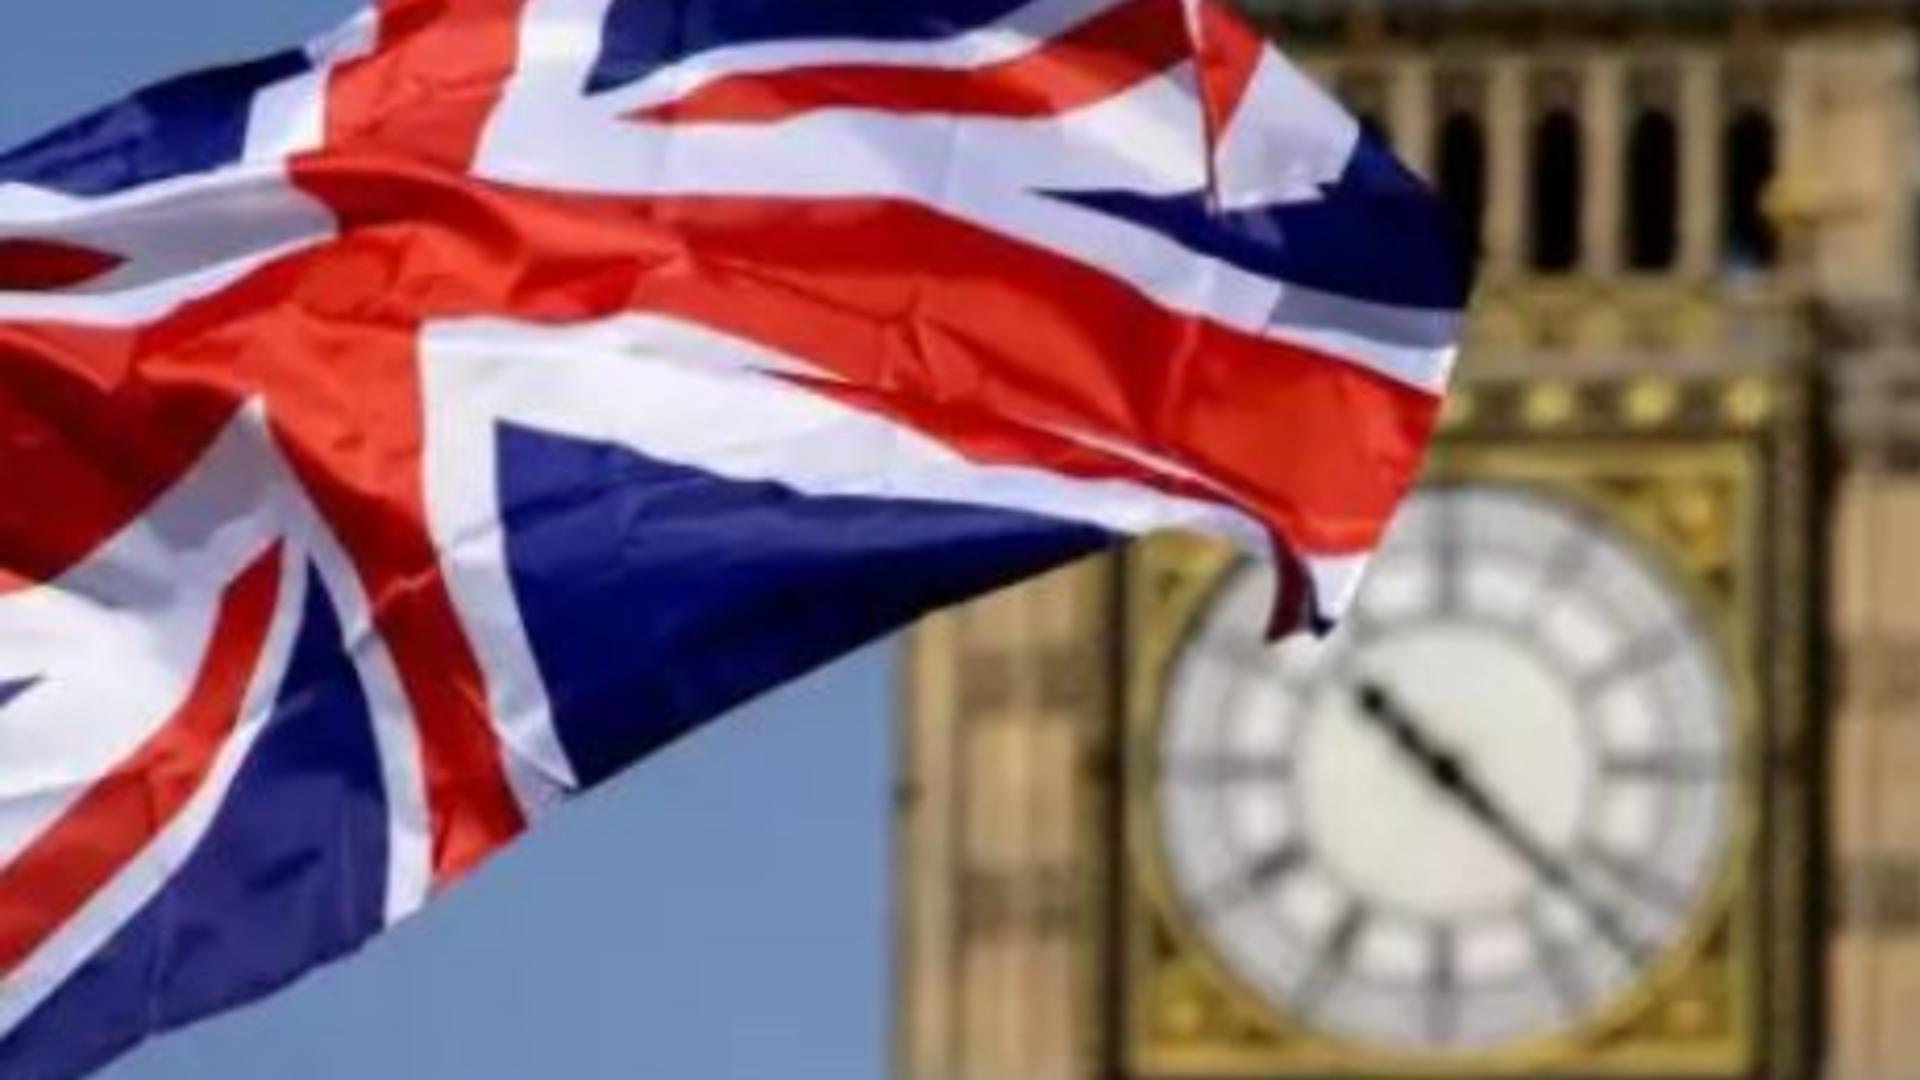 Românii care vor să rămână în Marea Britanie mai pot solicita rezidența până la 30 iunie 2021